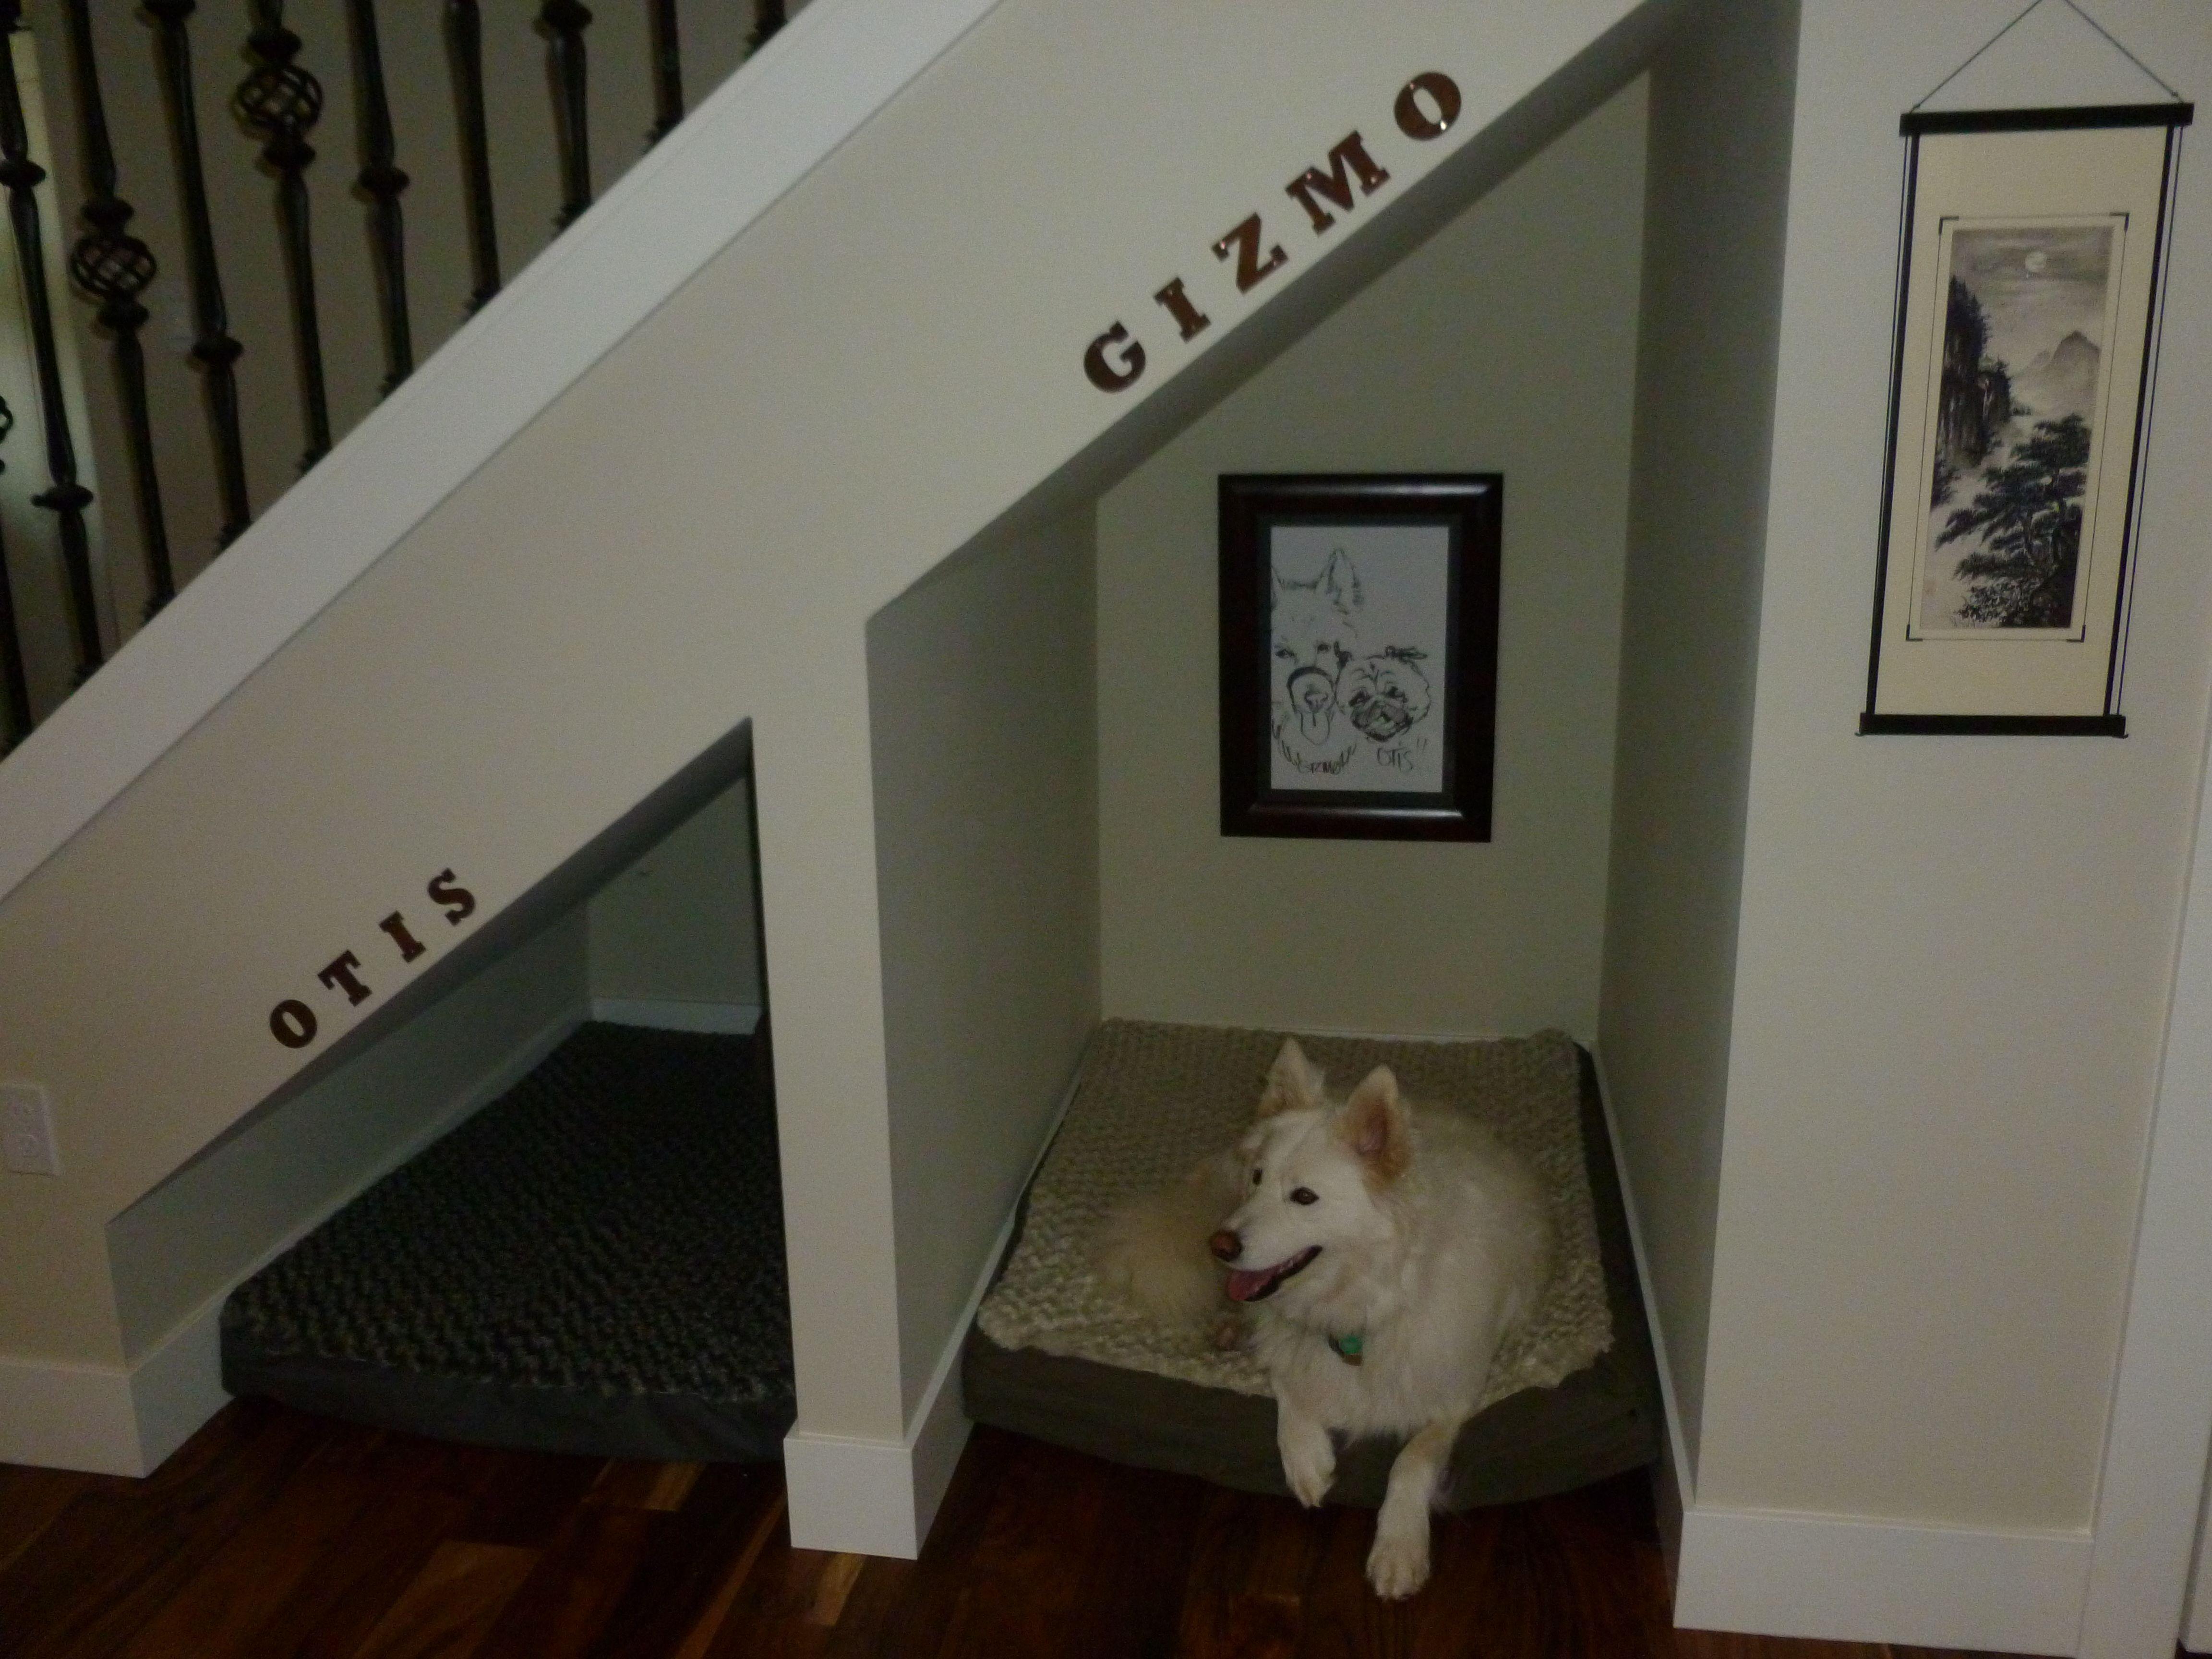 les 25 meilleures id es de la cat gorie coin de chien sur pinterest salle pour chiot chambres. Black Bedroom Furniture Sets. Home Design Ideas